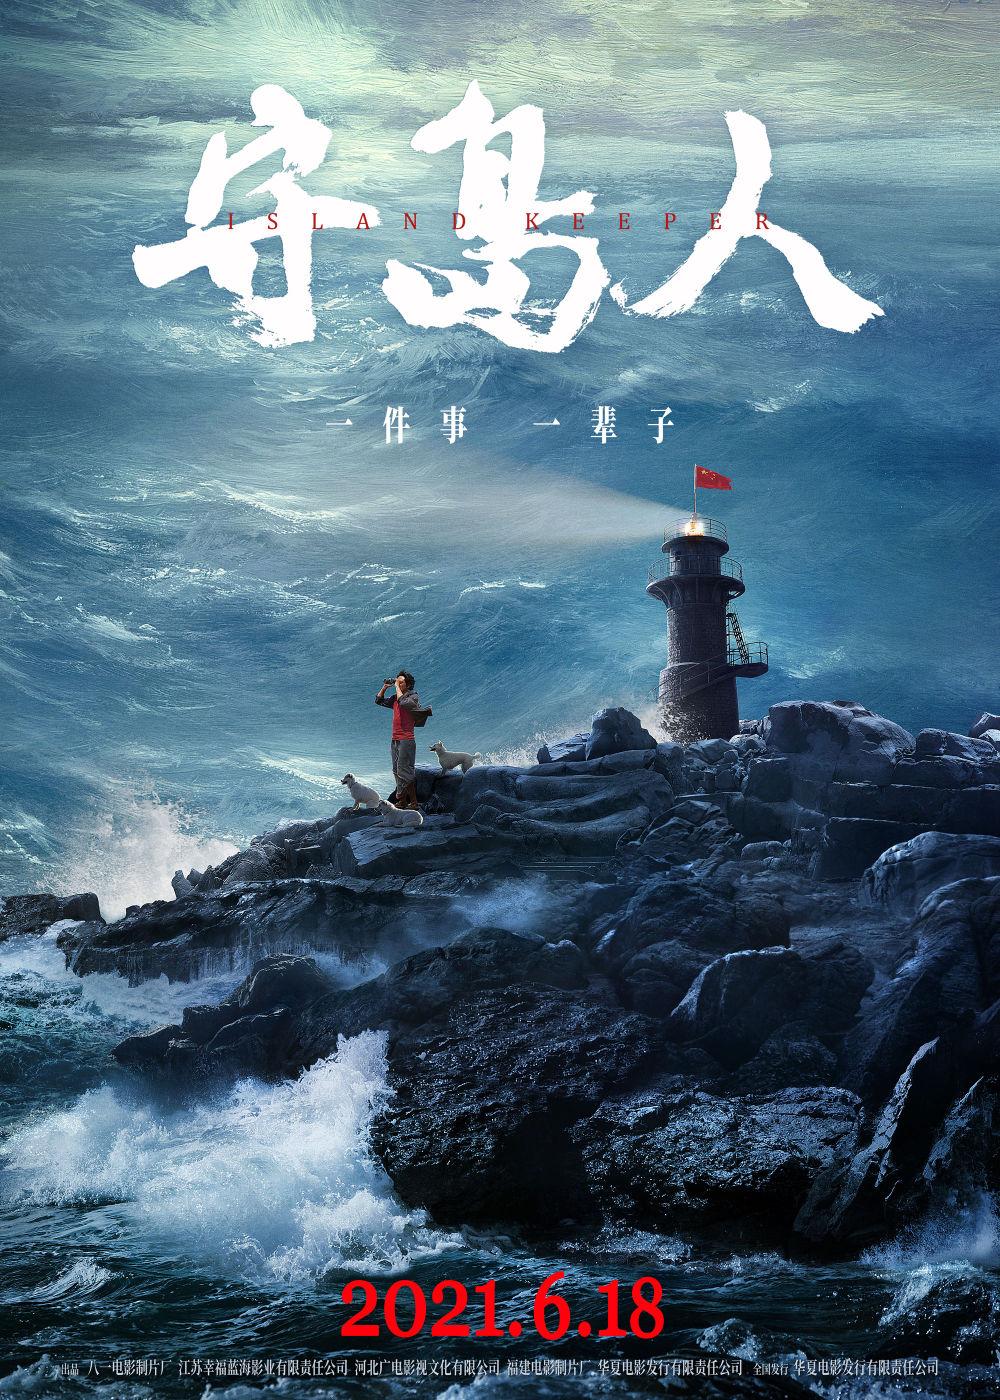 电影《守岛人》即将公映,王继才同志感人事迹搬上银幕